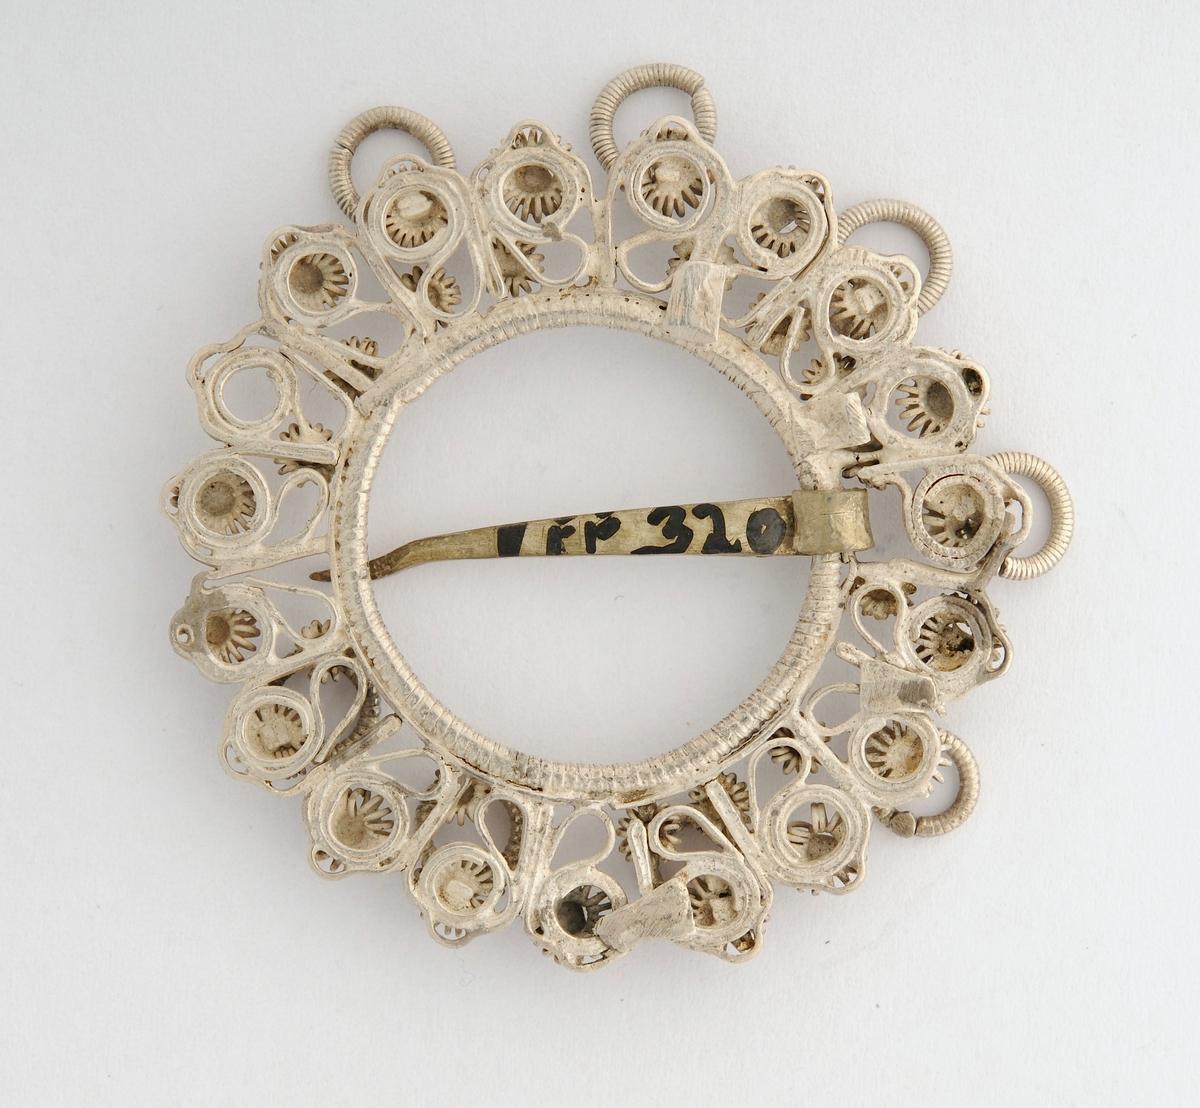 Sølje, krusesølje i sølv, ingen stempel. Gjennombrote filigransarbeid med krusar og 8 hemper med pålodda ringar. Tann  (nål) med litt dekor på.